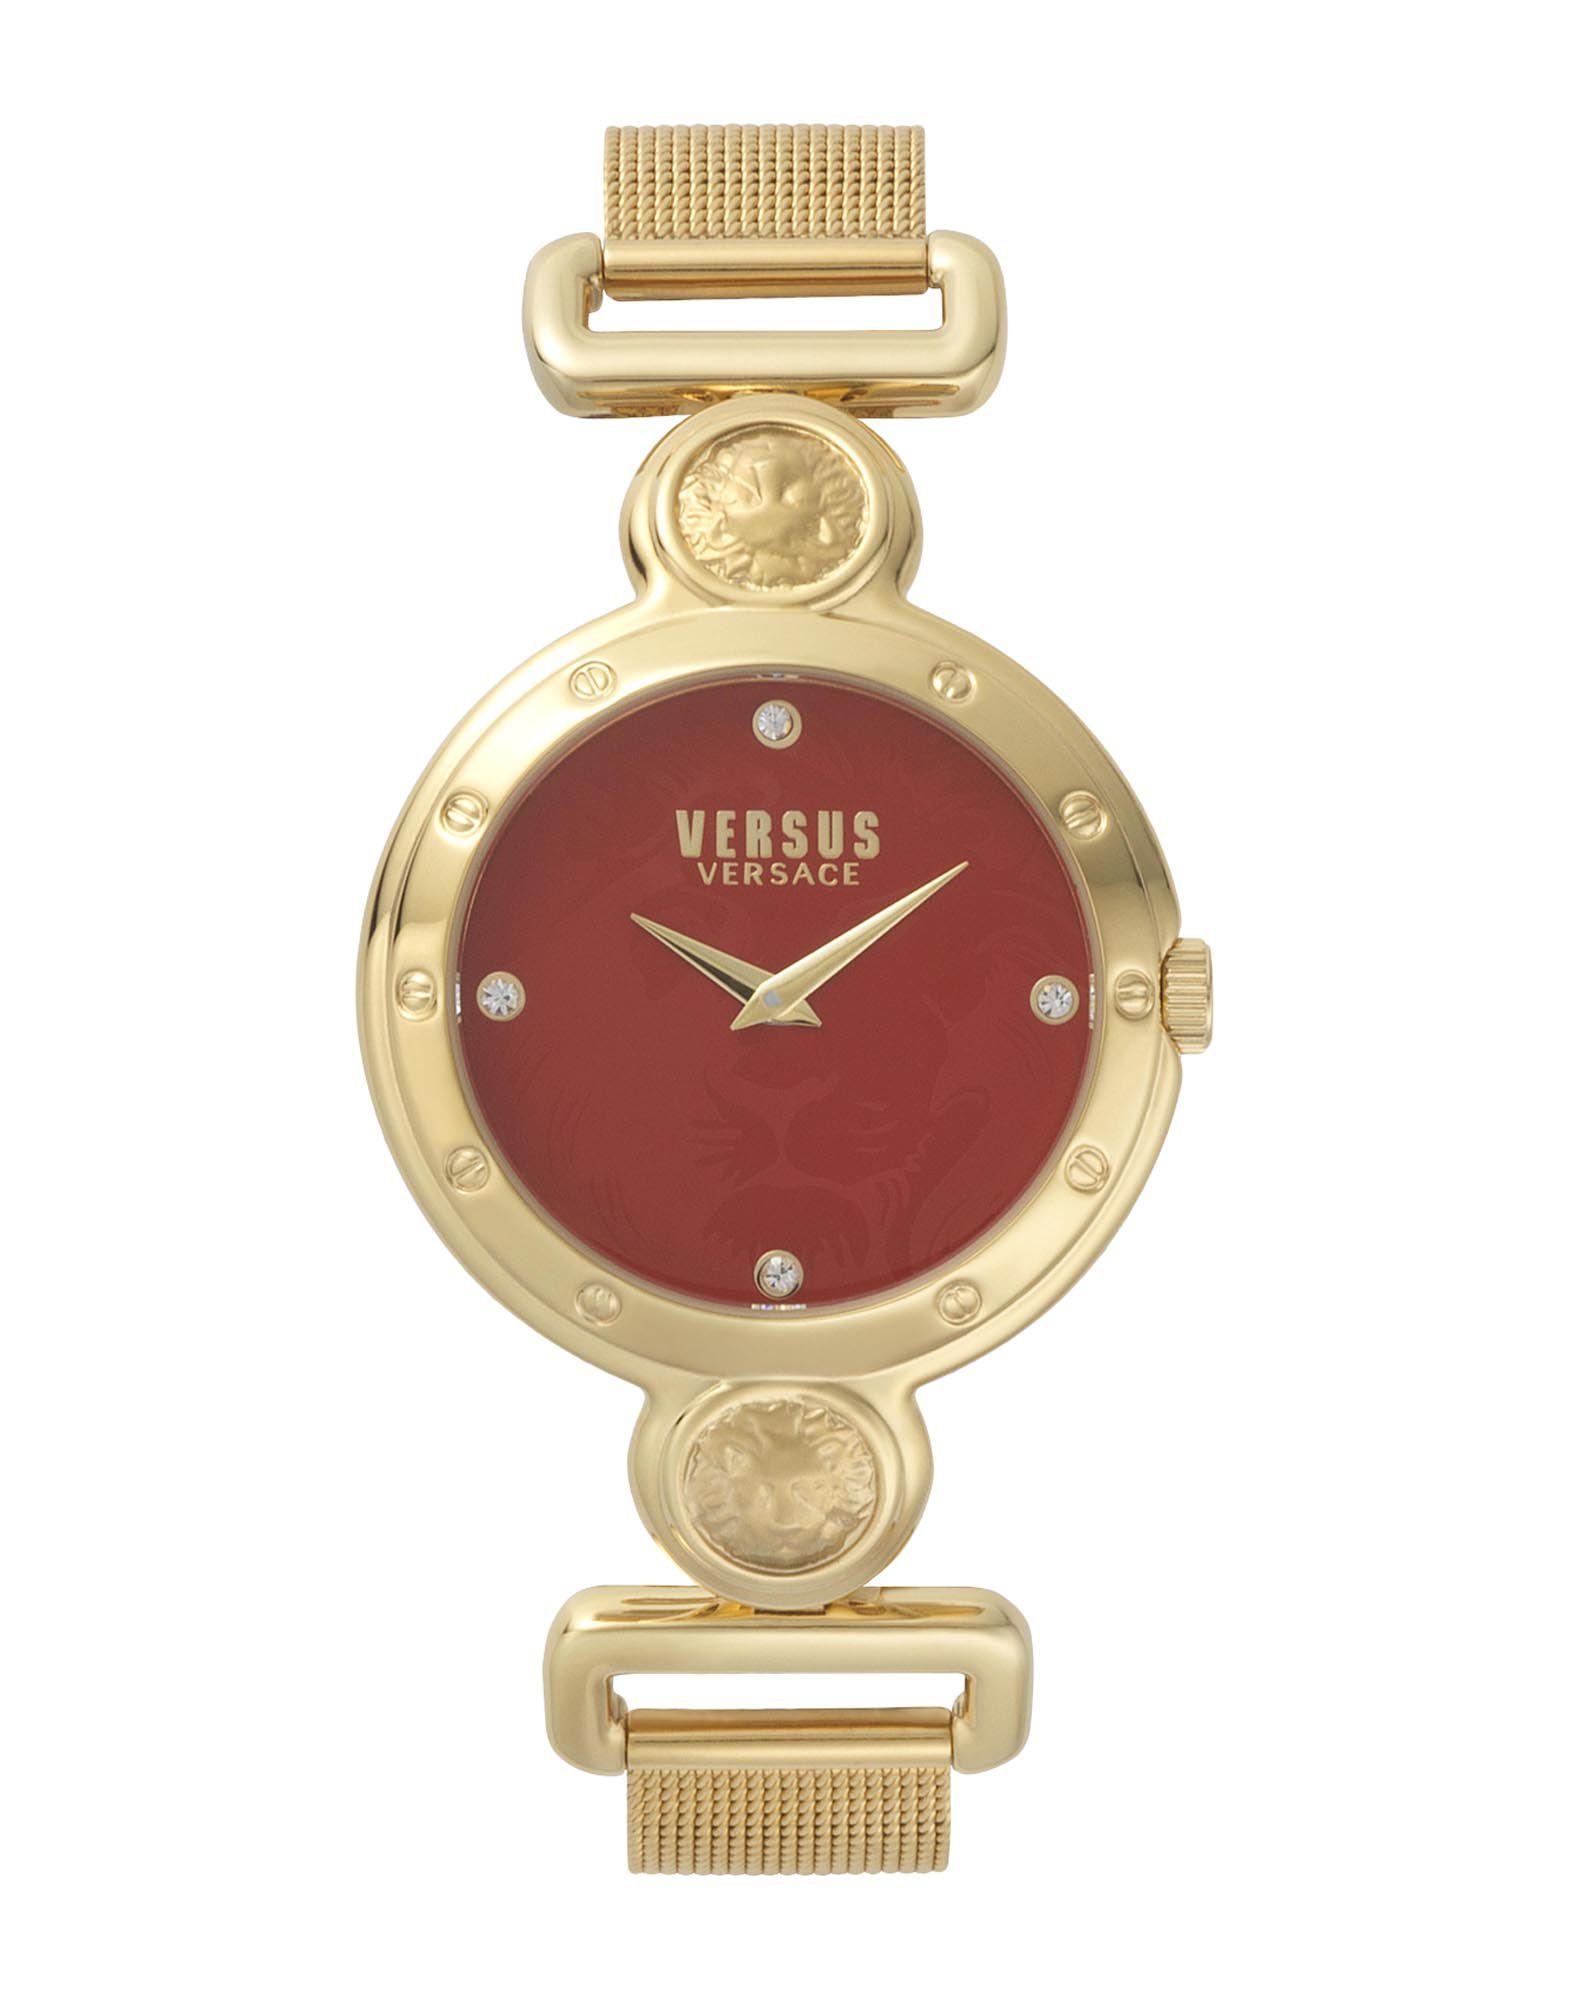 VERSUS VERSACE Наручные часы мужские часы versace 23c80d002s009 page 2